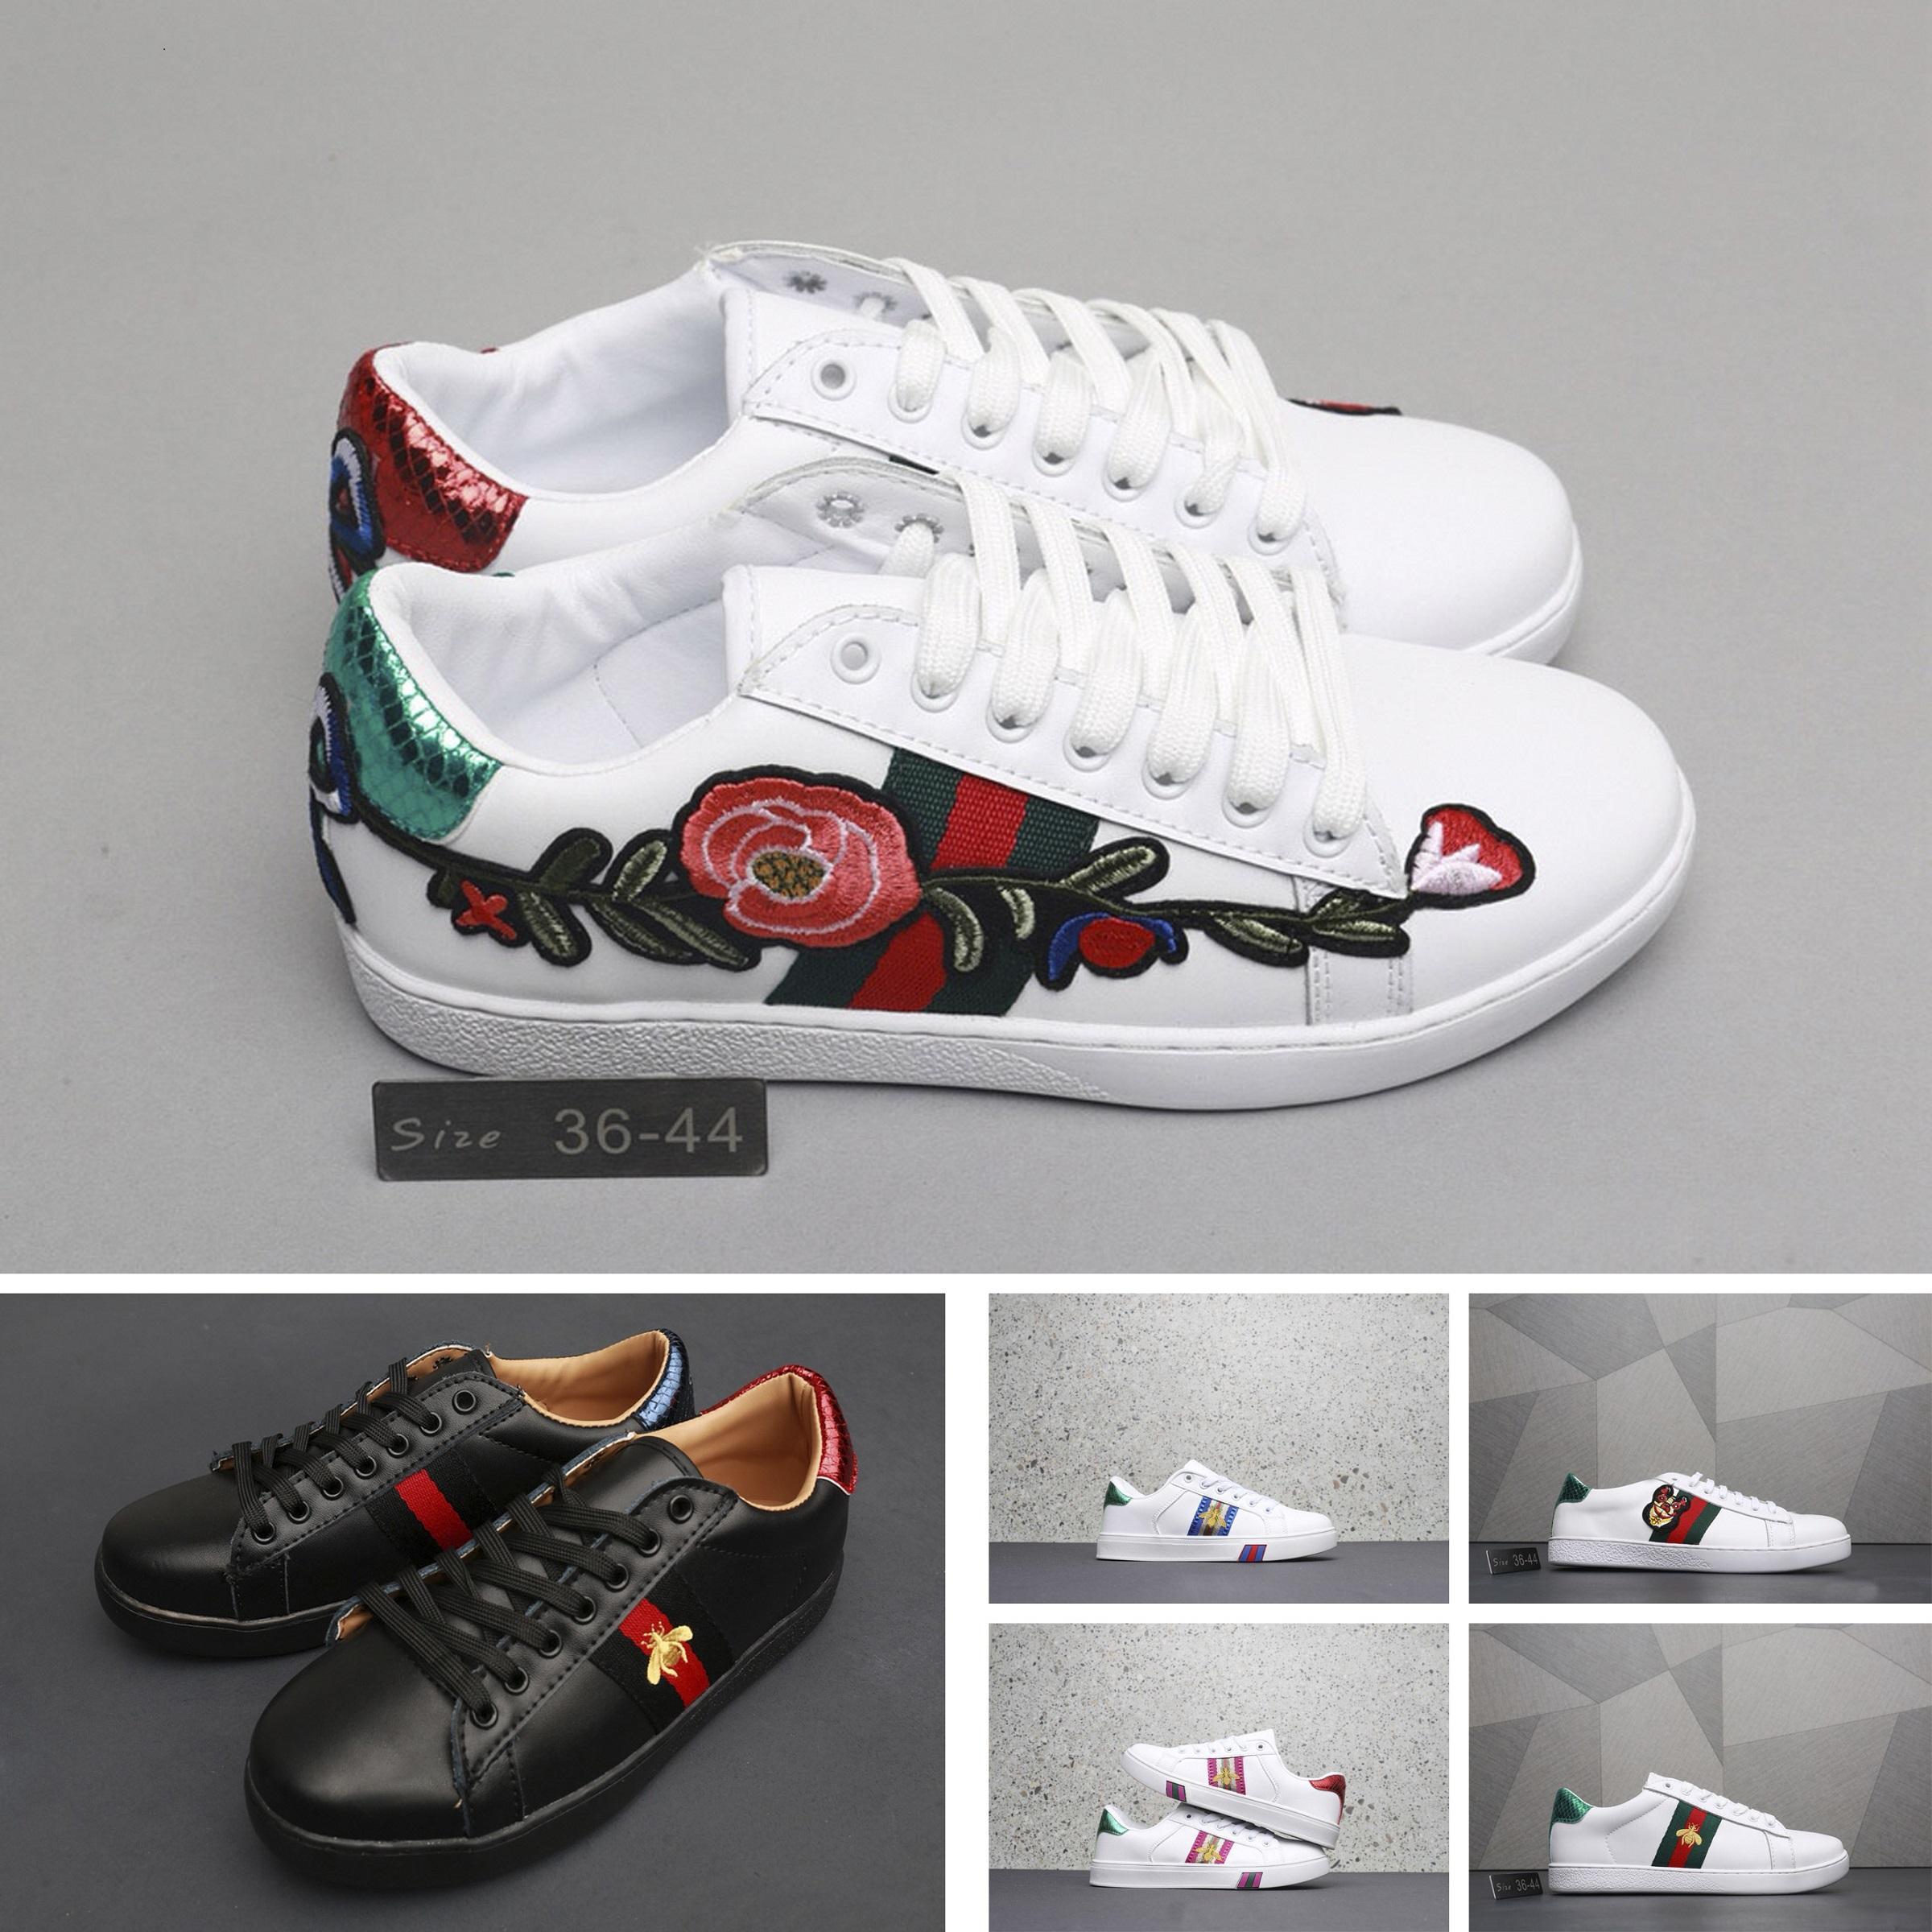 333b00c8d Compre Mens Gucci Las Zapatillas Deportivas Para Hombre Más Vendidas,  Letras Bordadas, Cosmos, Abeja, Cabeza De Lobo, Zapatos Para Hombre Zapatos  De ...